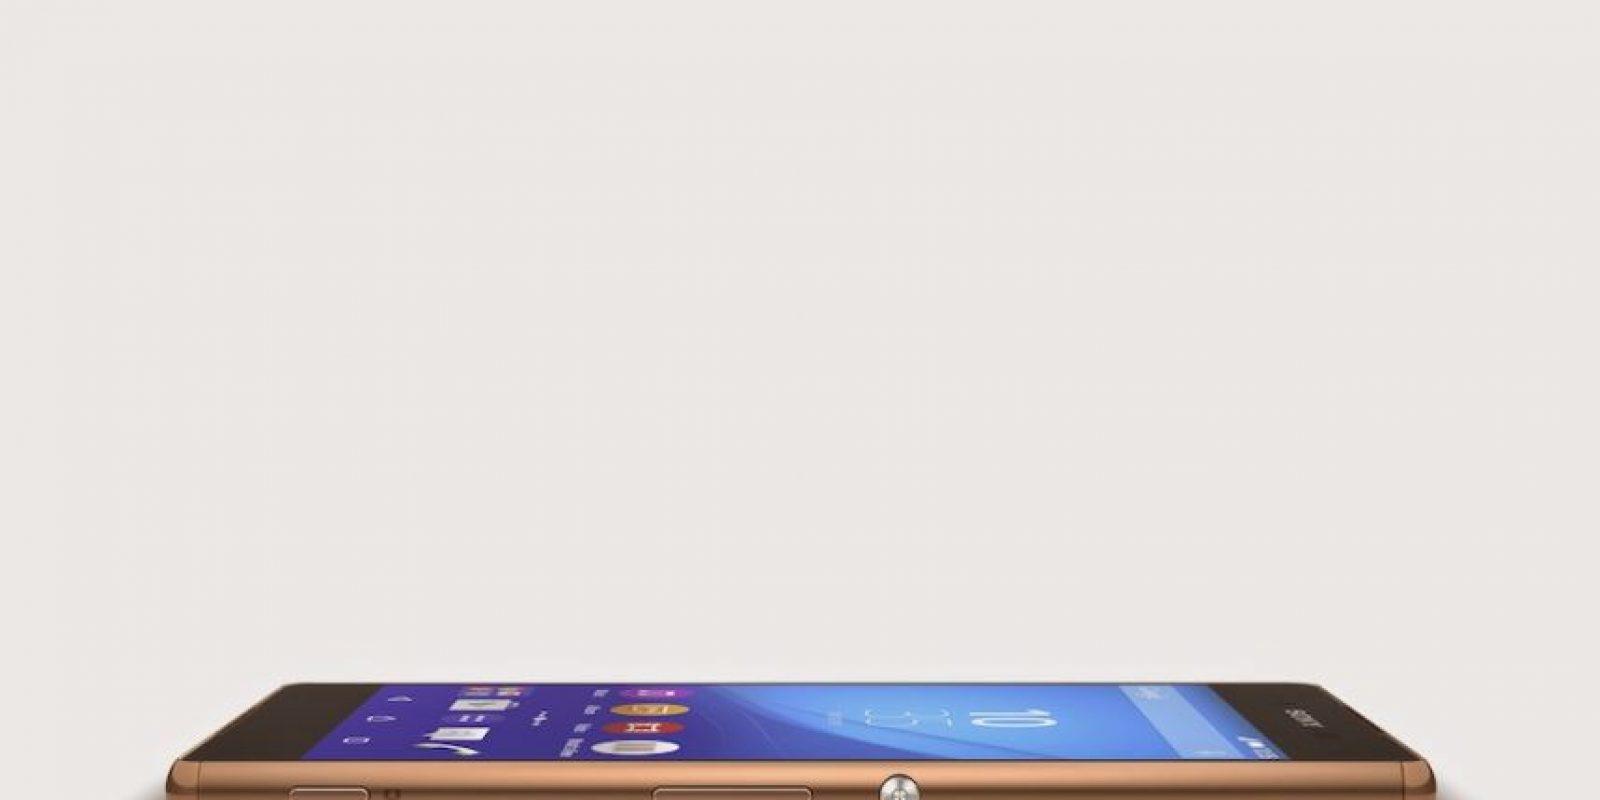 Su pantalla es de 5.2 pulgadas. Foto:Sony